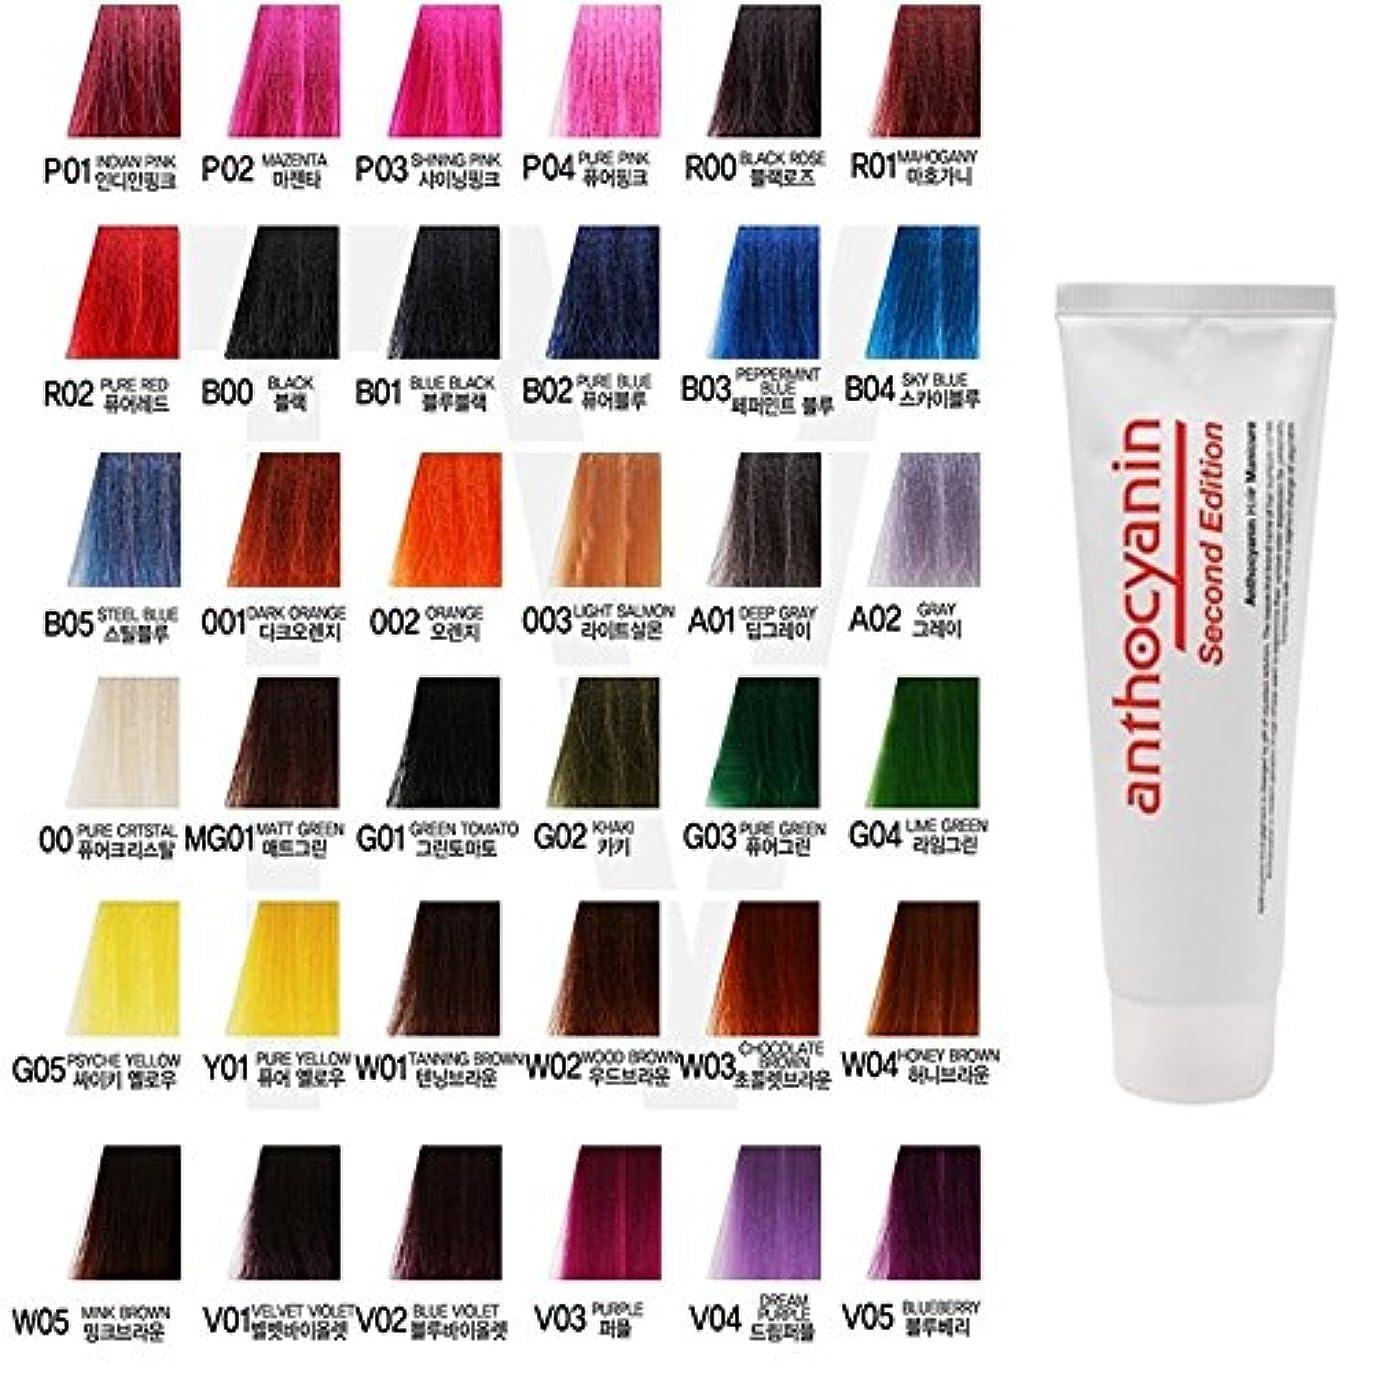 ヘア マニキュア カラー セカンド エディション 230g セミ パーマネント 染毛剤 ( Hair Manicure Color Second Edition 230g Semi Permanent Hair Dye) [並行輸入品] (004 Pure Crystal)